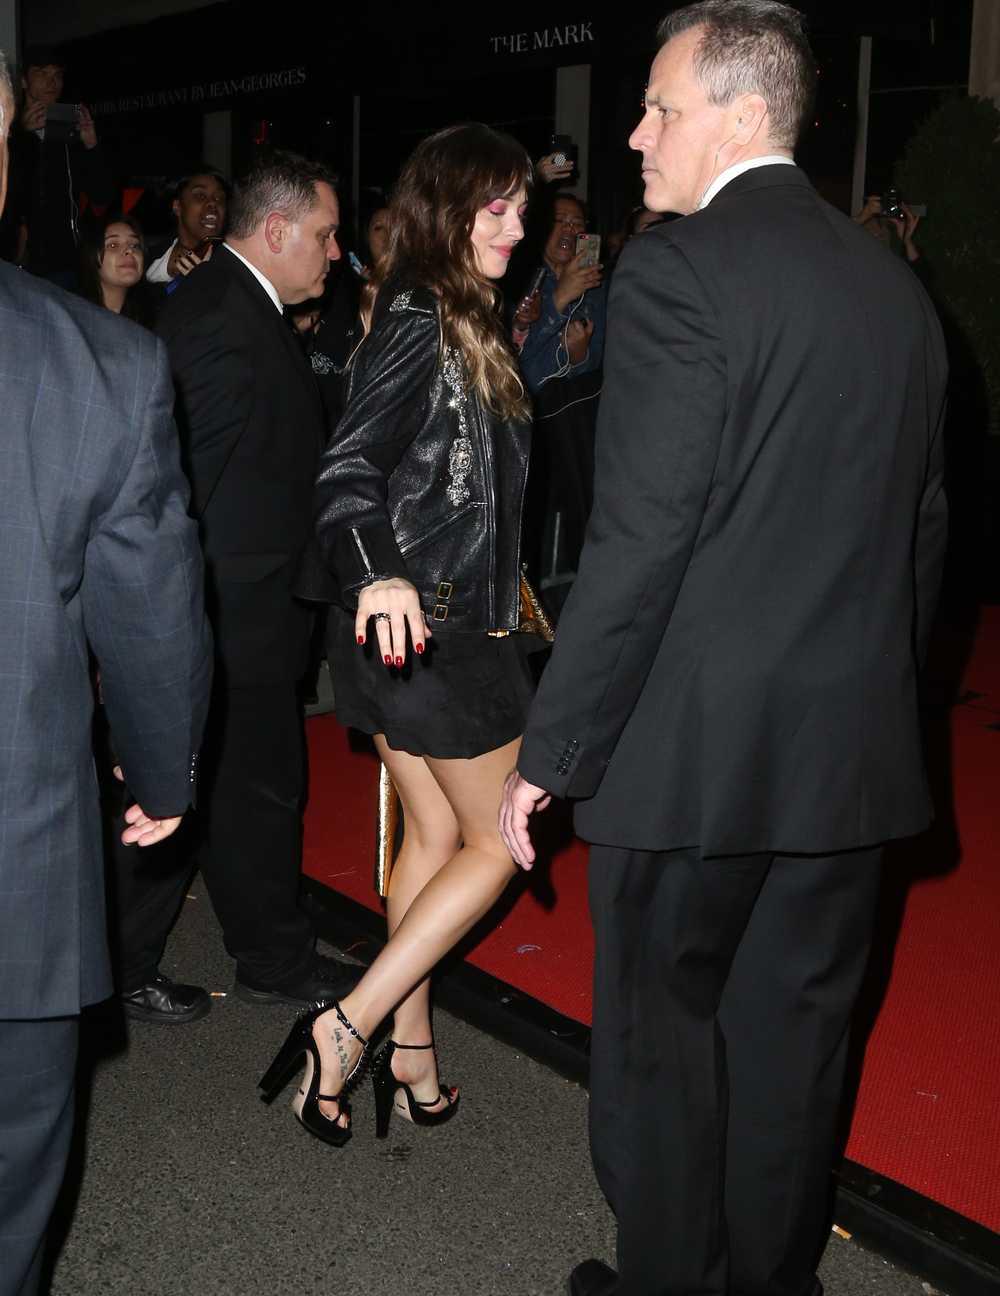 Arriving at Mark Hotel in New York - May 7 - Dakota Johnson - Leaves